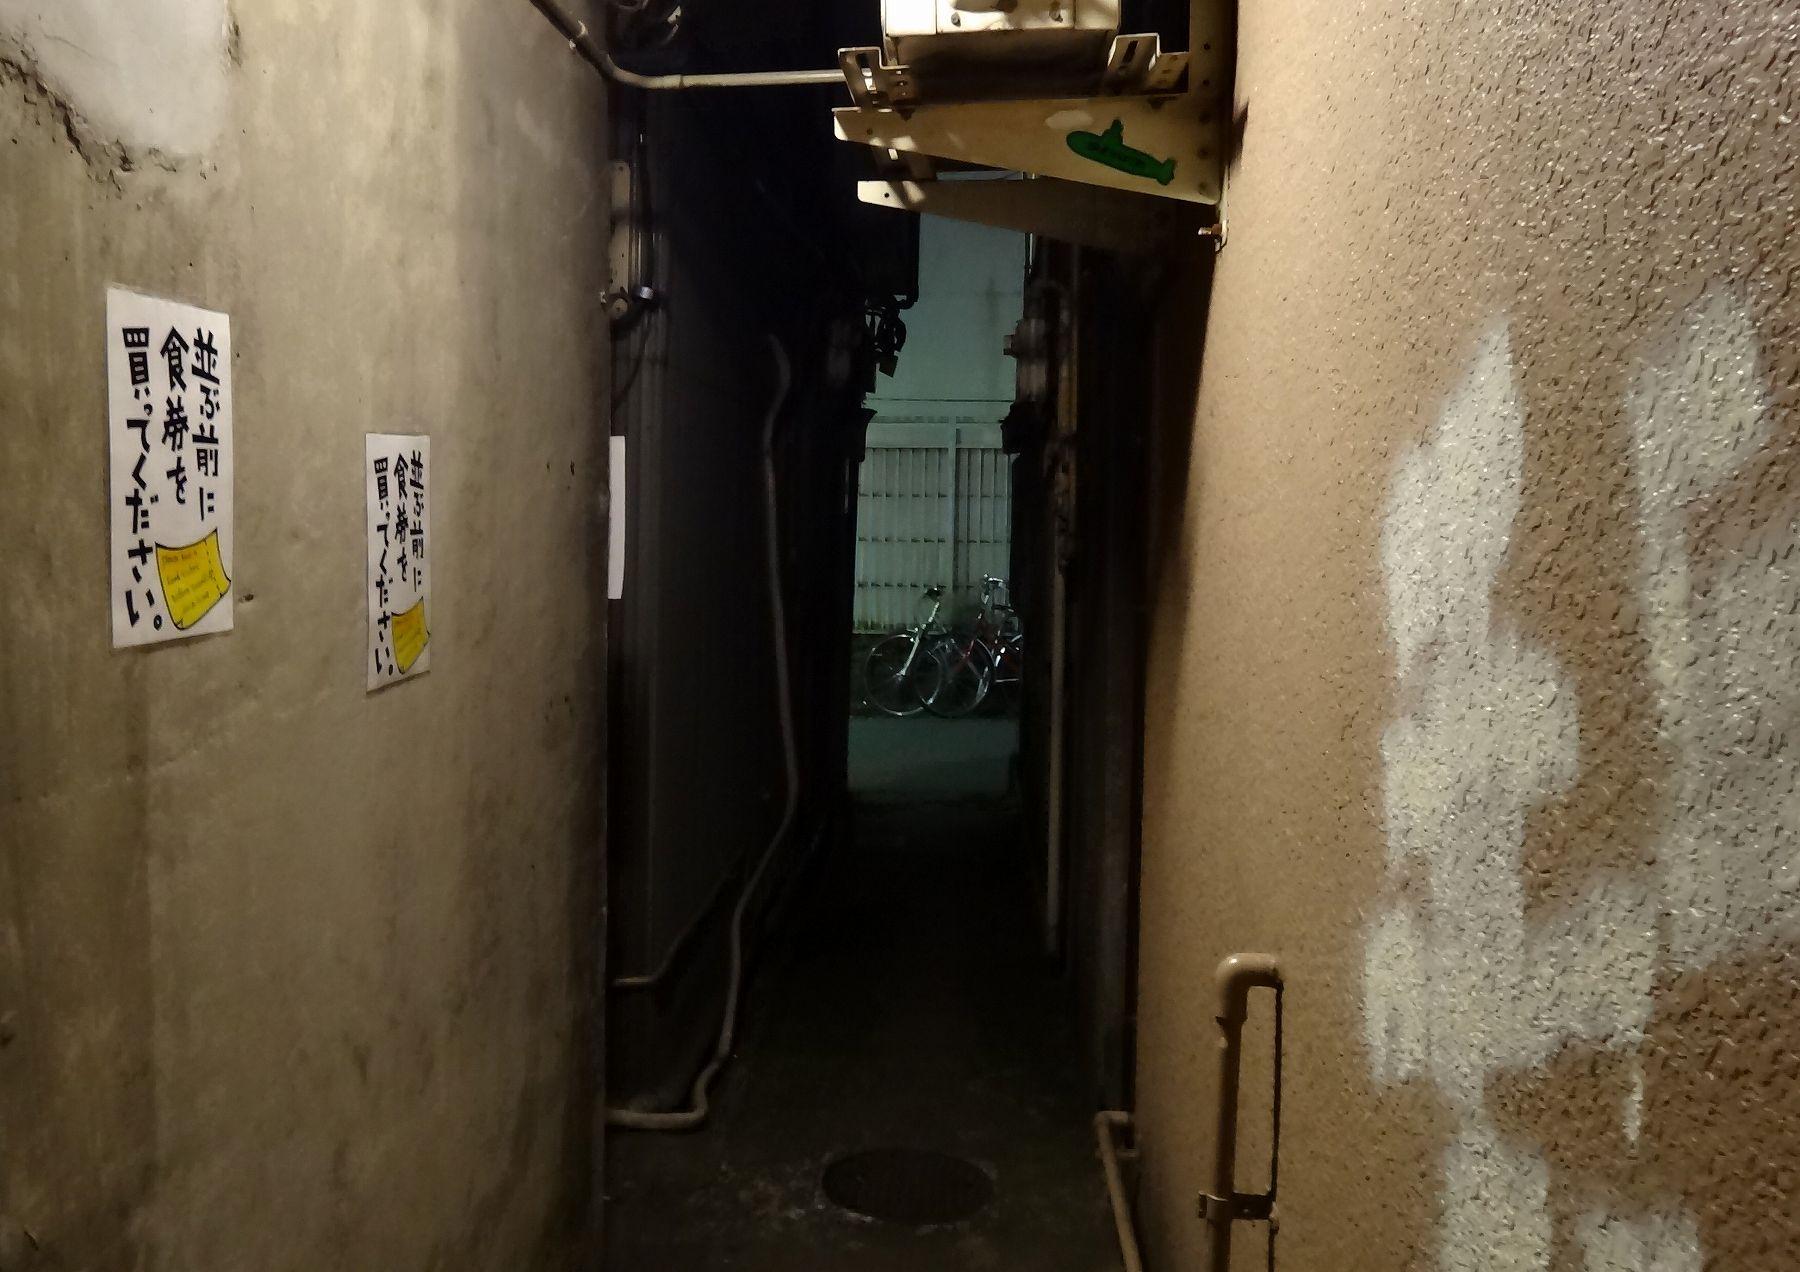 20120812019nagi.jpg